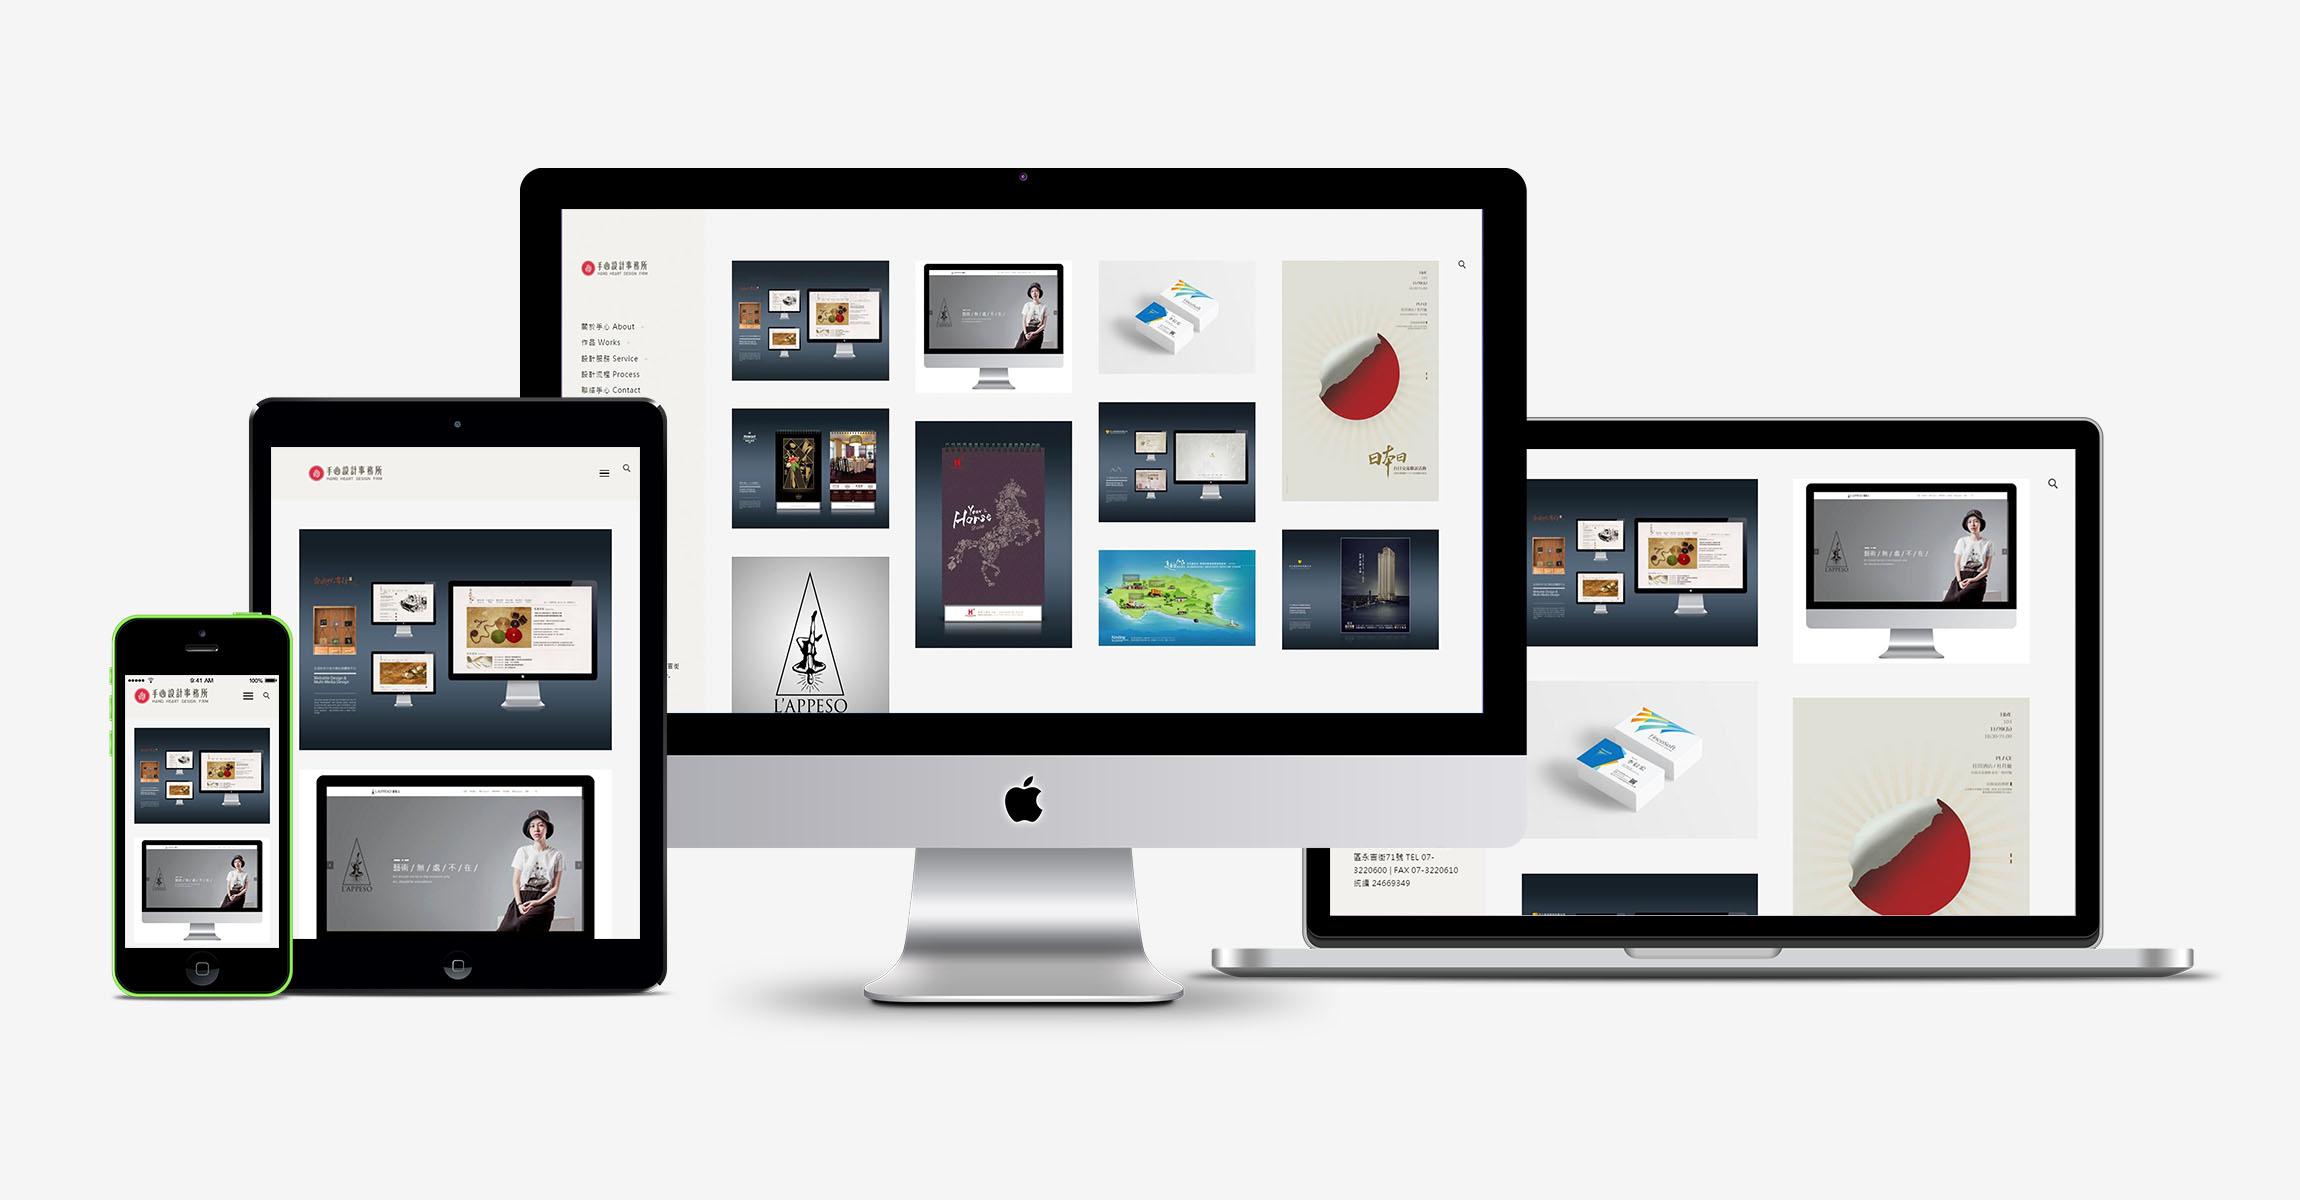 rwd_響應式_自適應_手心設計 網站設計